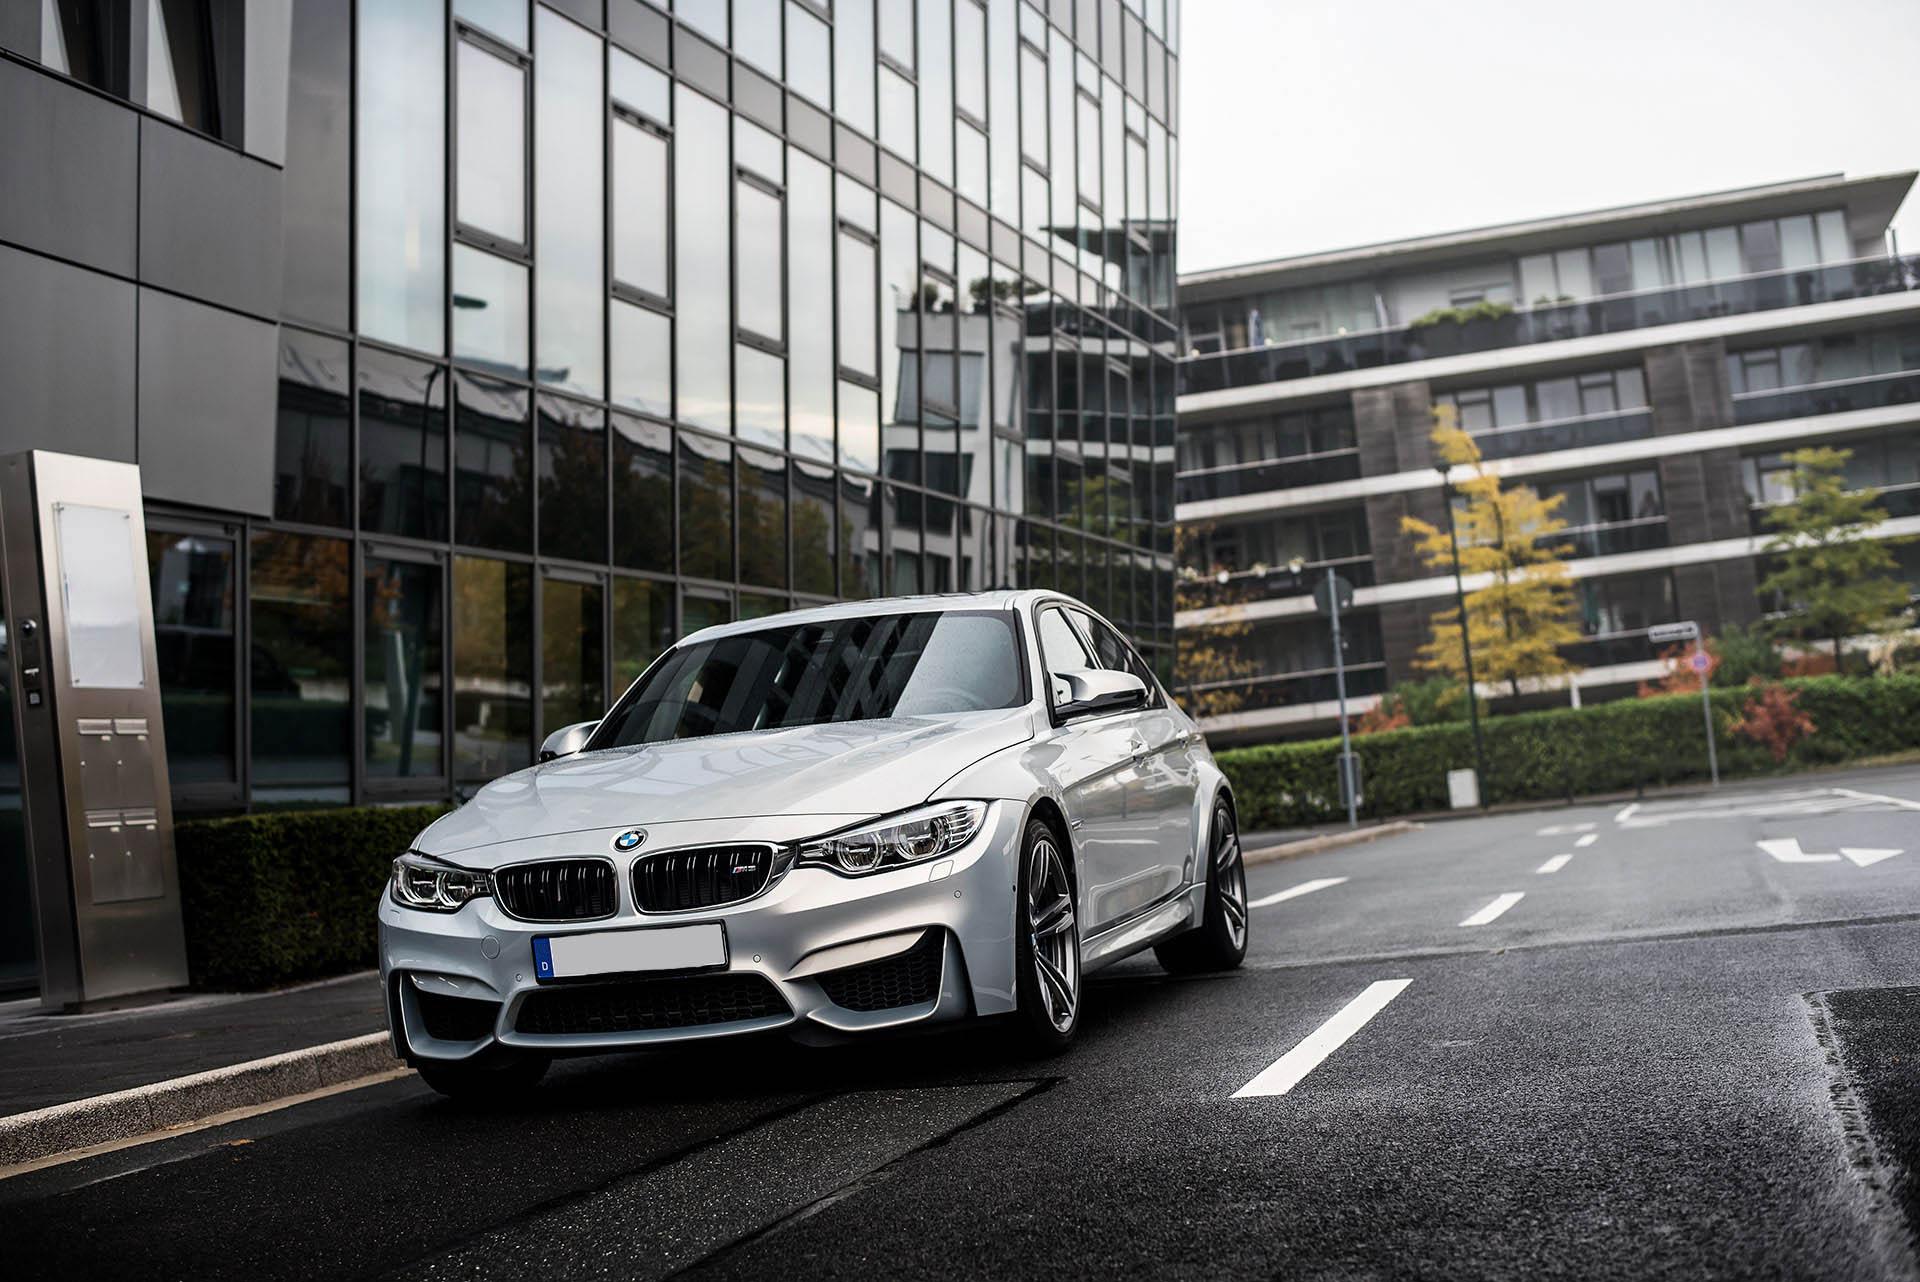 B&K_Sportwagen_Rheinland_GmbH_BMW_M3_Silber_12